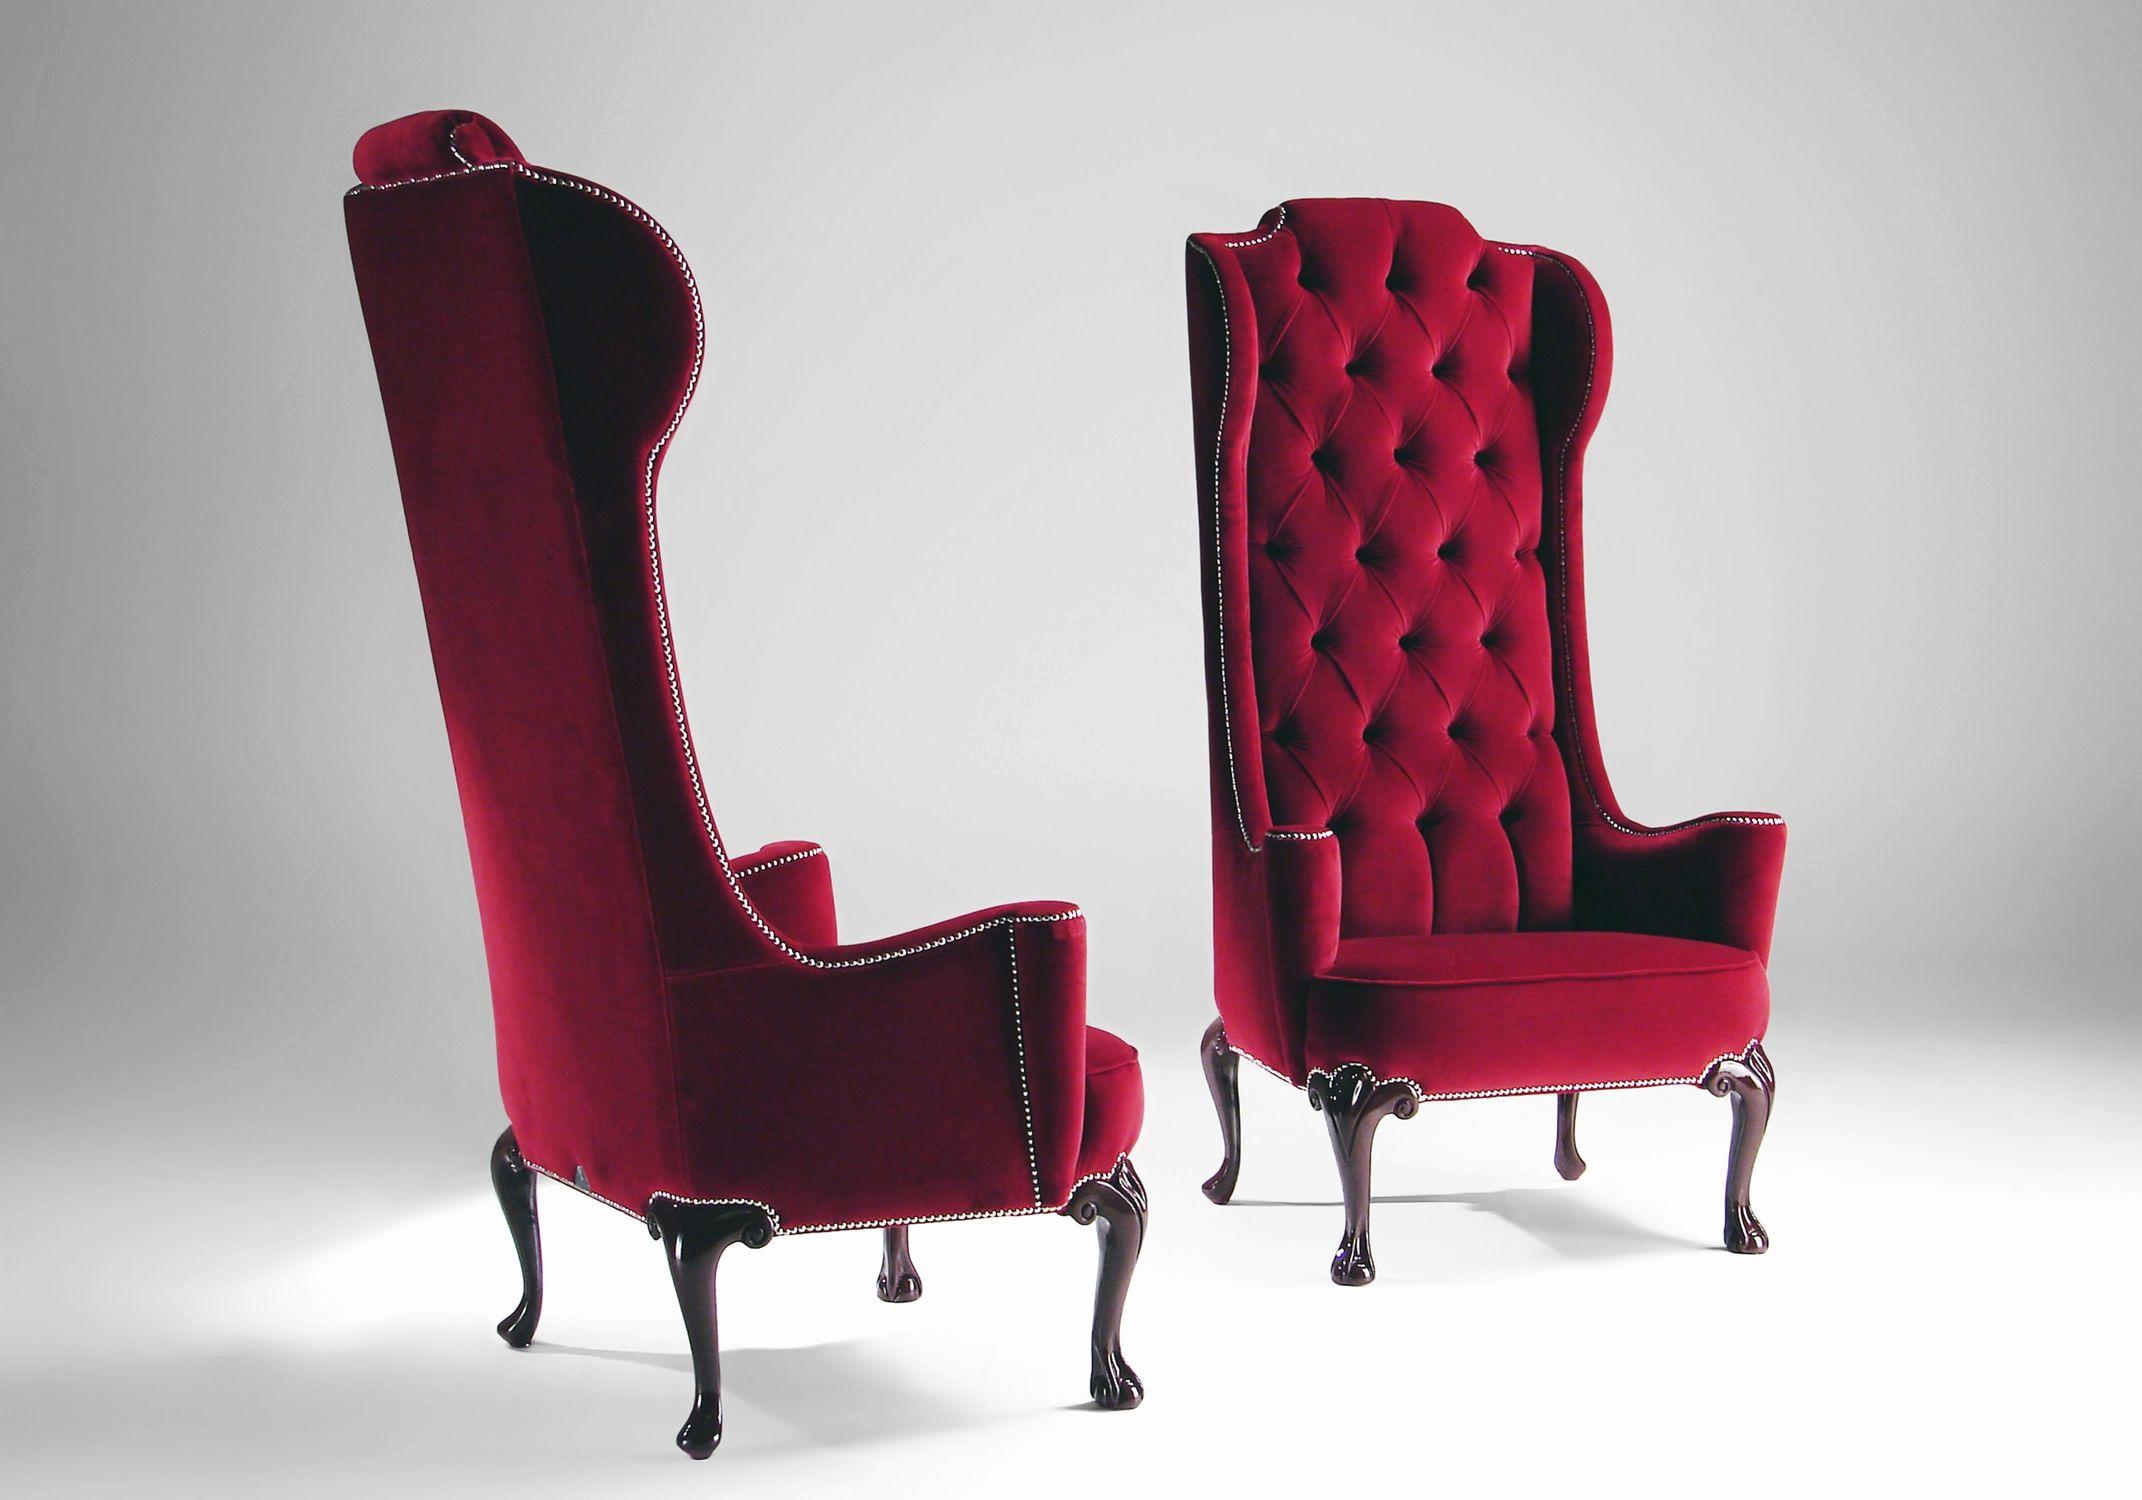 wohnzimmer stühle reproduktion designer stühle plastic arm